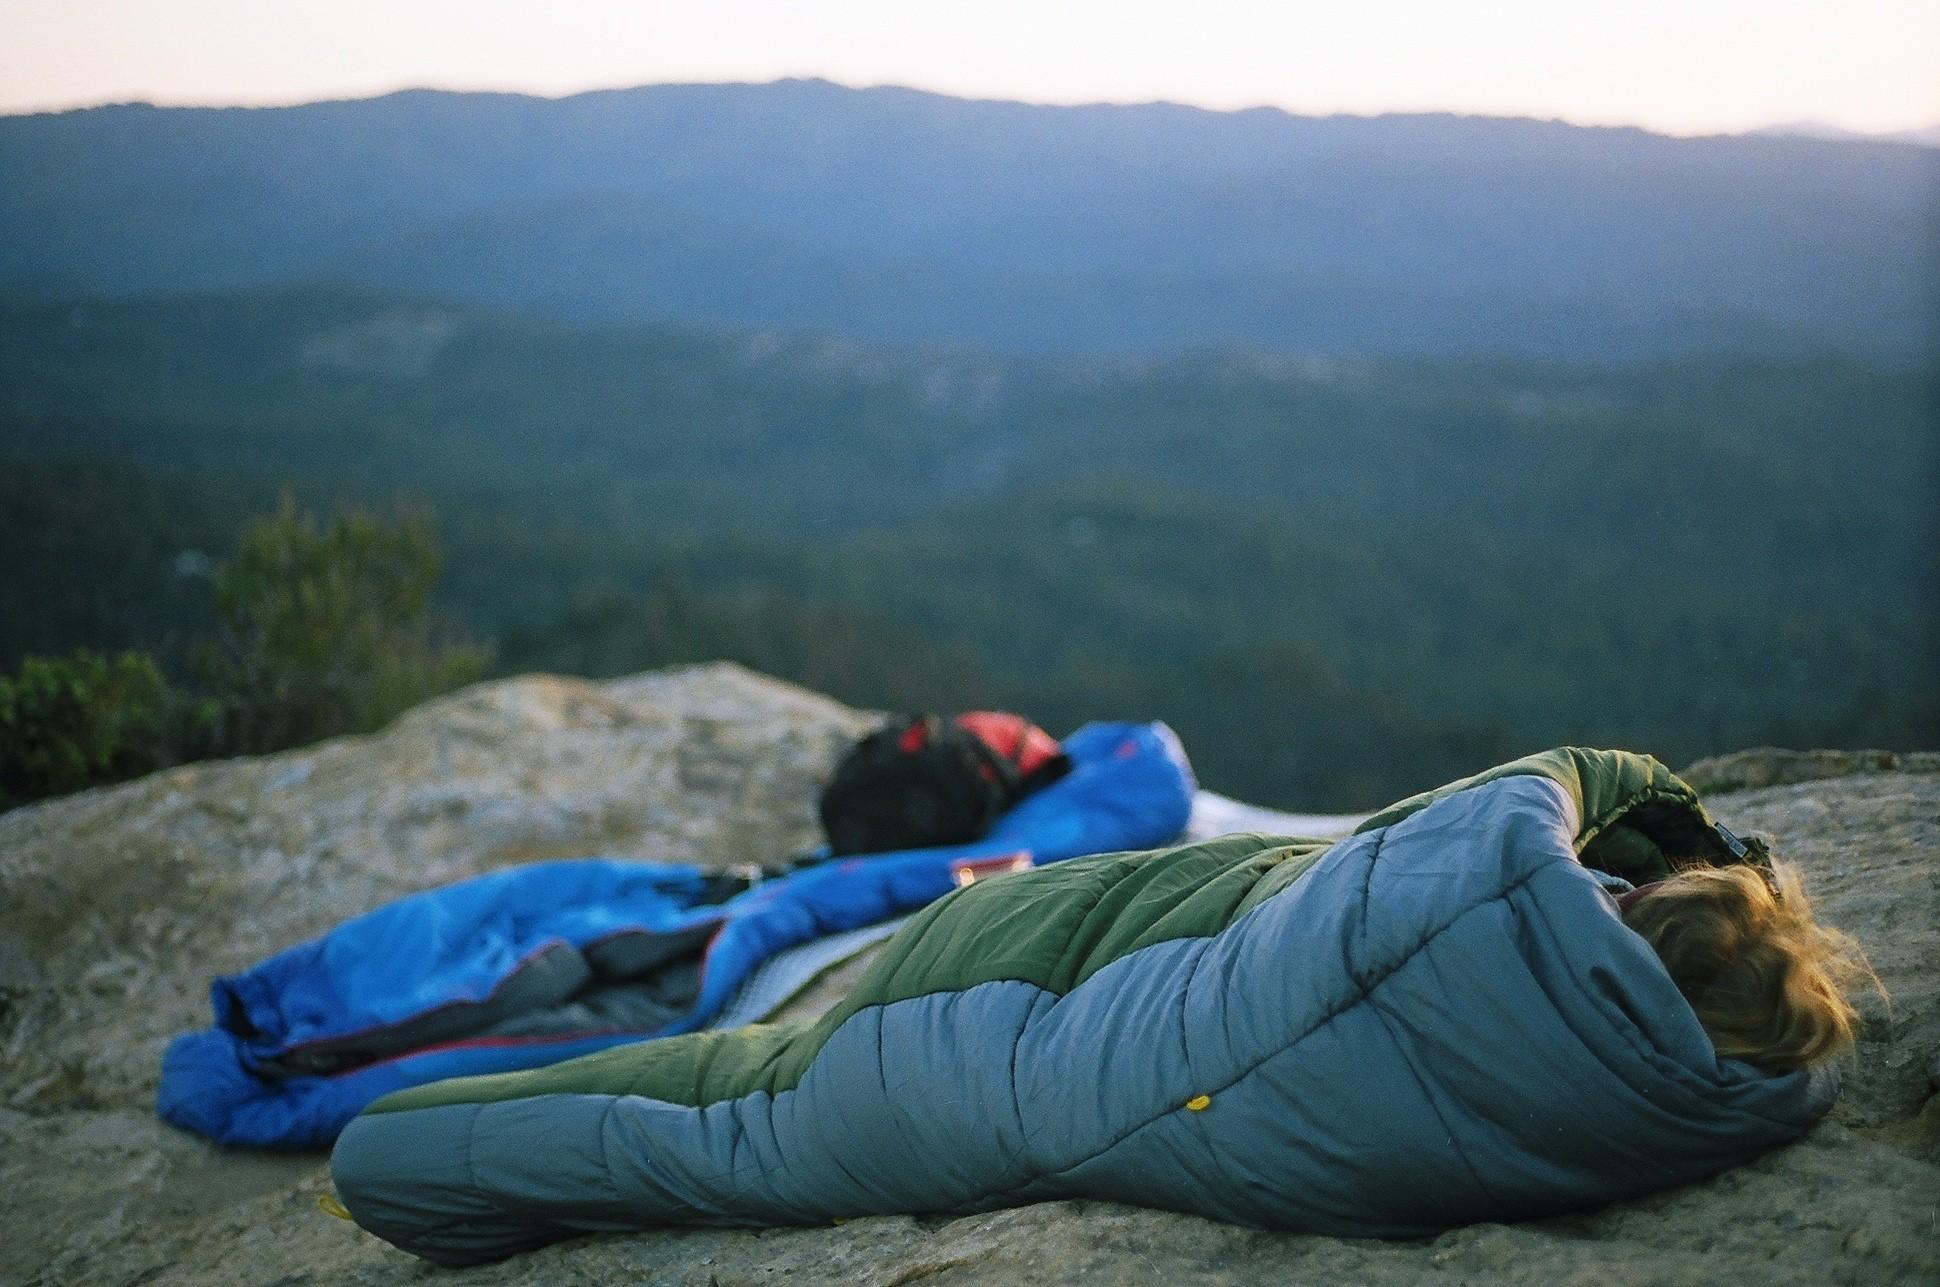 Best Backpacking Sleeping Bag Under 100 Dollars